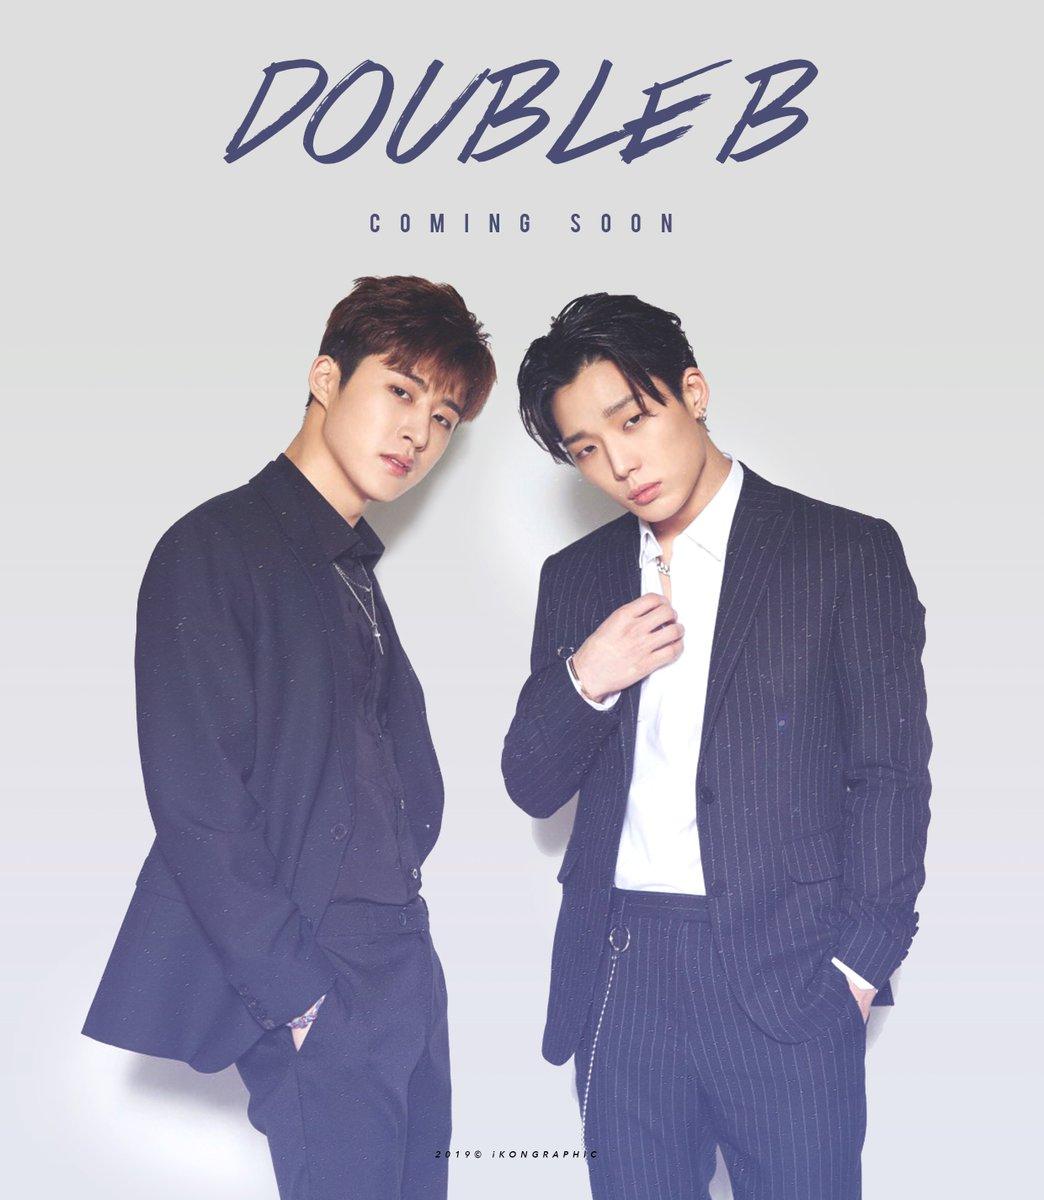 아이콘그래픽's photo on Double B